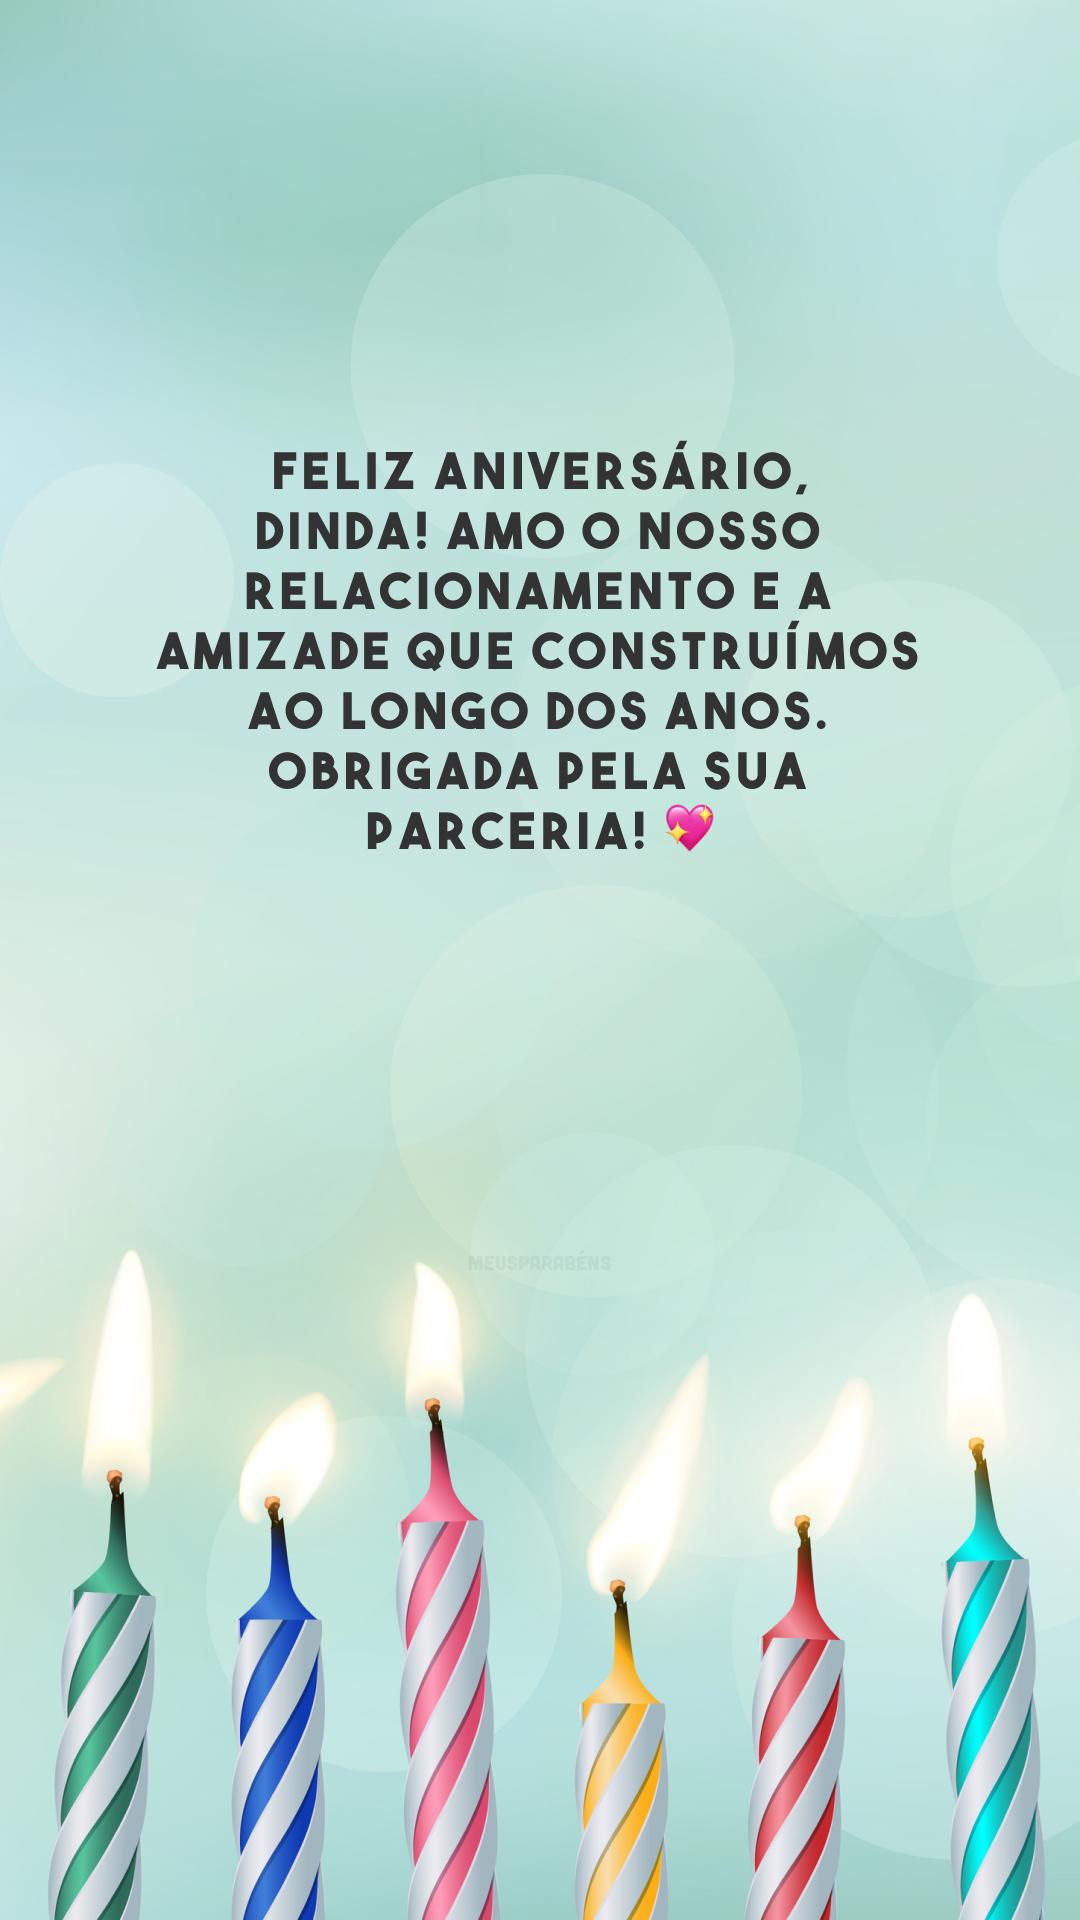 Feliz aniversário, dinda! Amo o nosso relacionamento e a amizade que construímos ao longo dos anos. Obrigada pela sua parceria! 💖